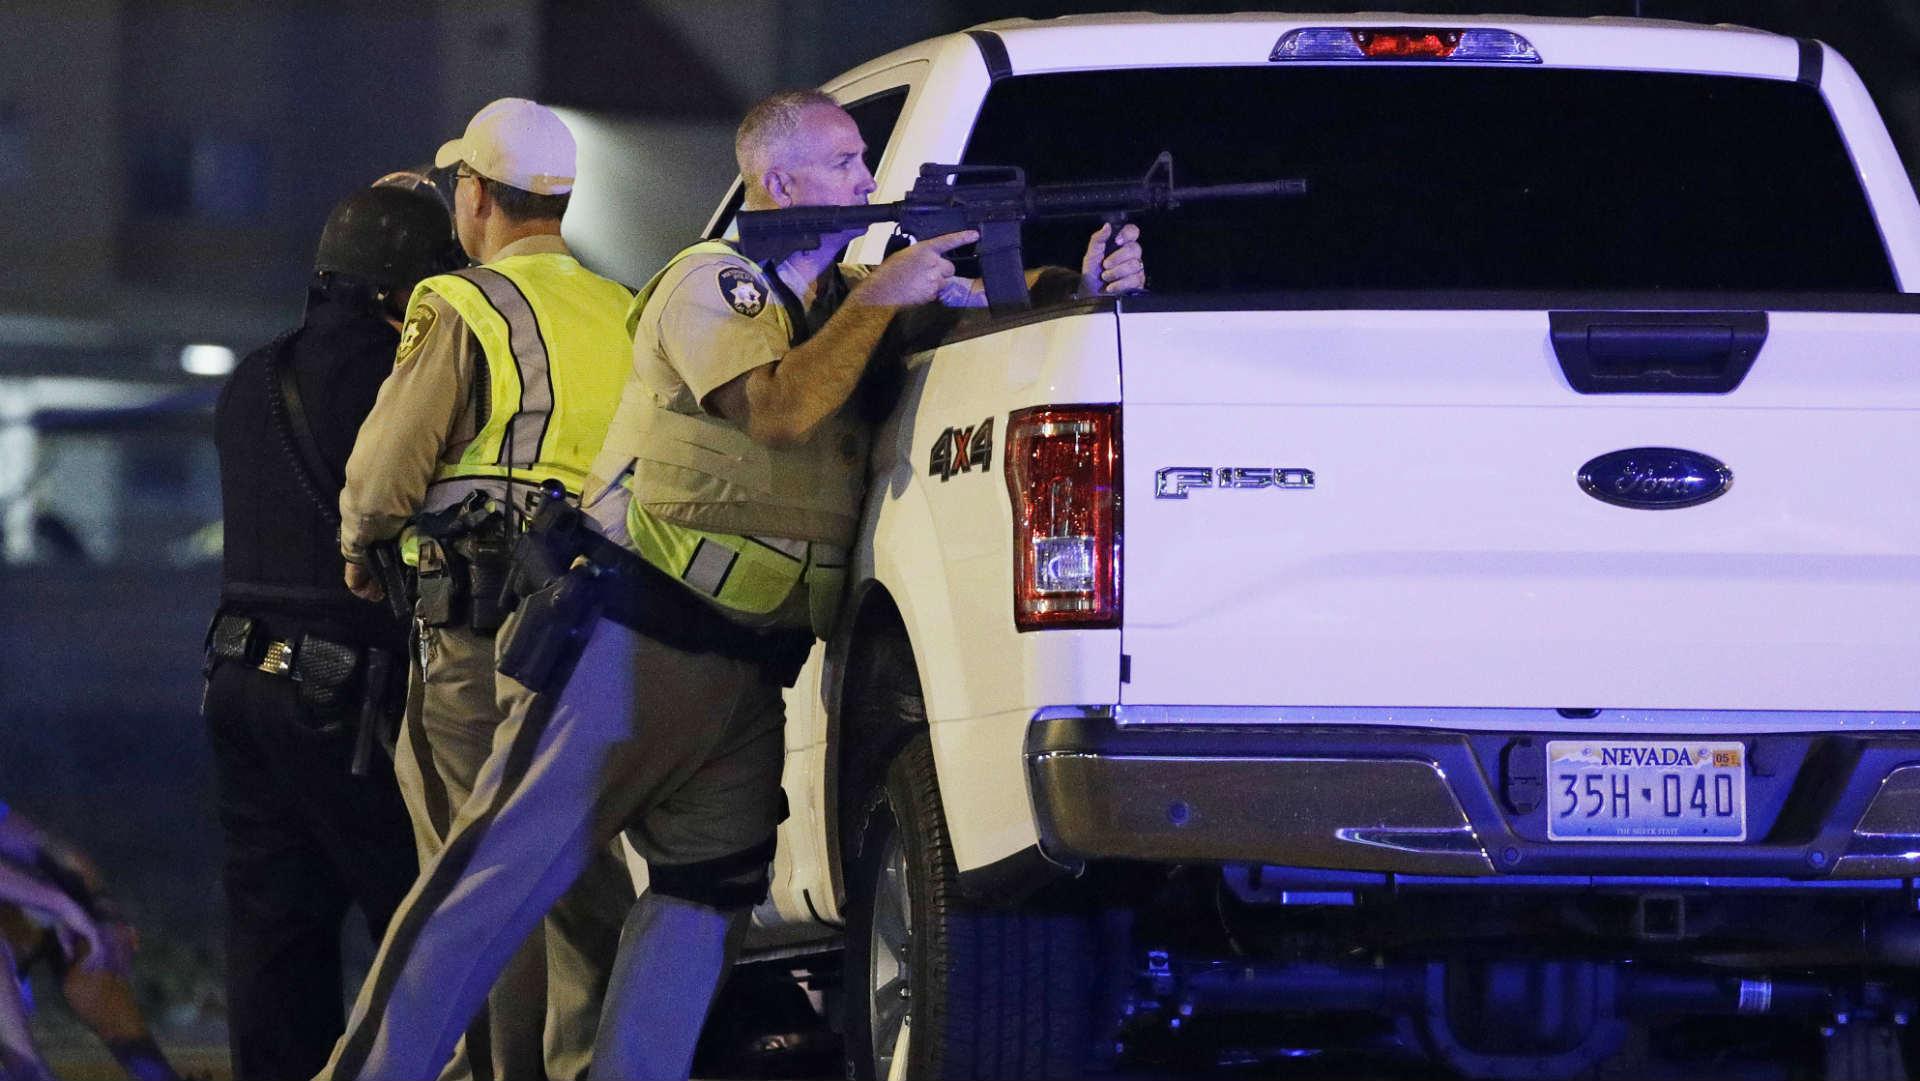 משטרת לאס וגאס בזירת האירוע